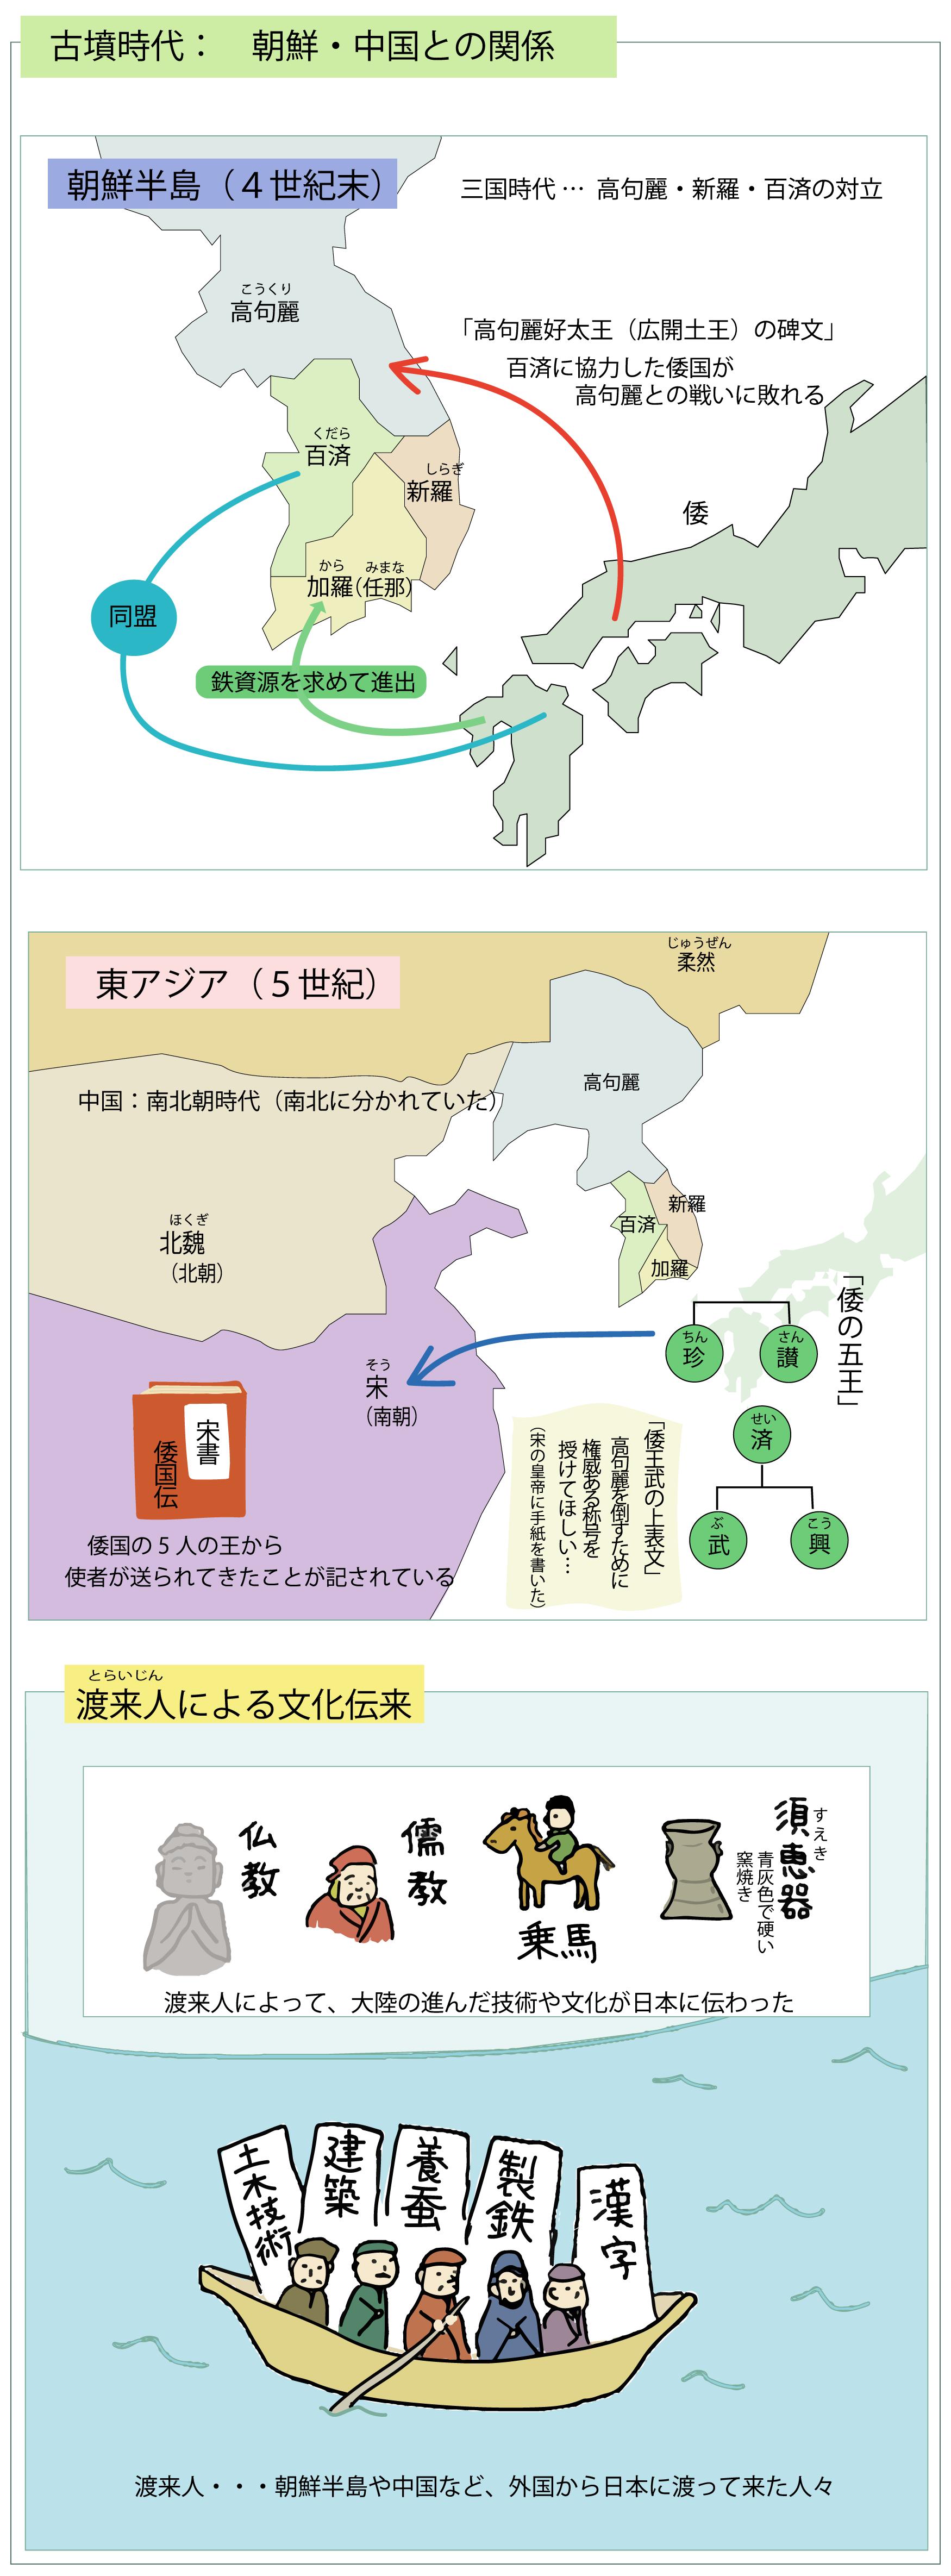 古墳時代 朝鮮・中国との関係をイラストで解説_図解で学ぶ日本史